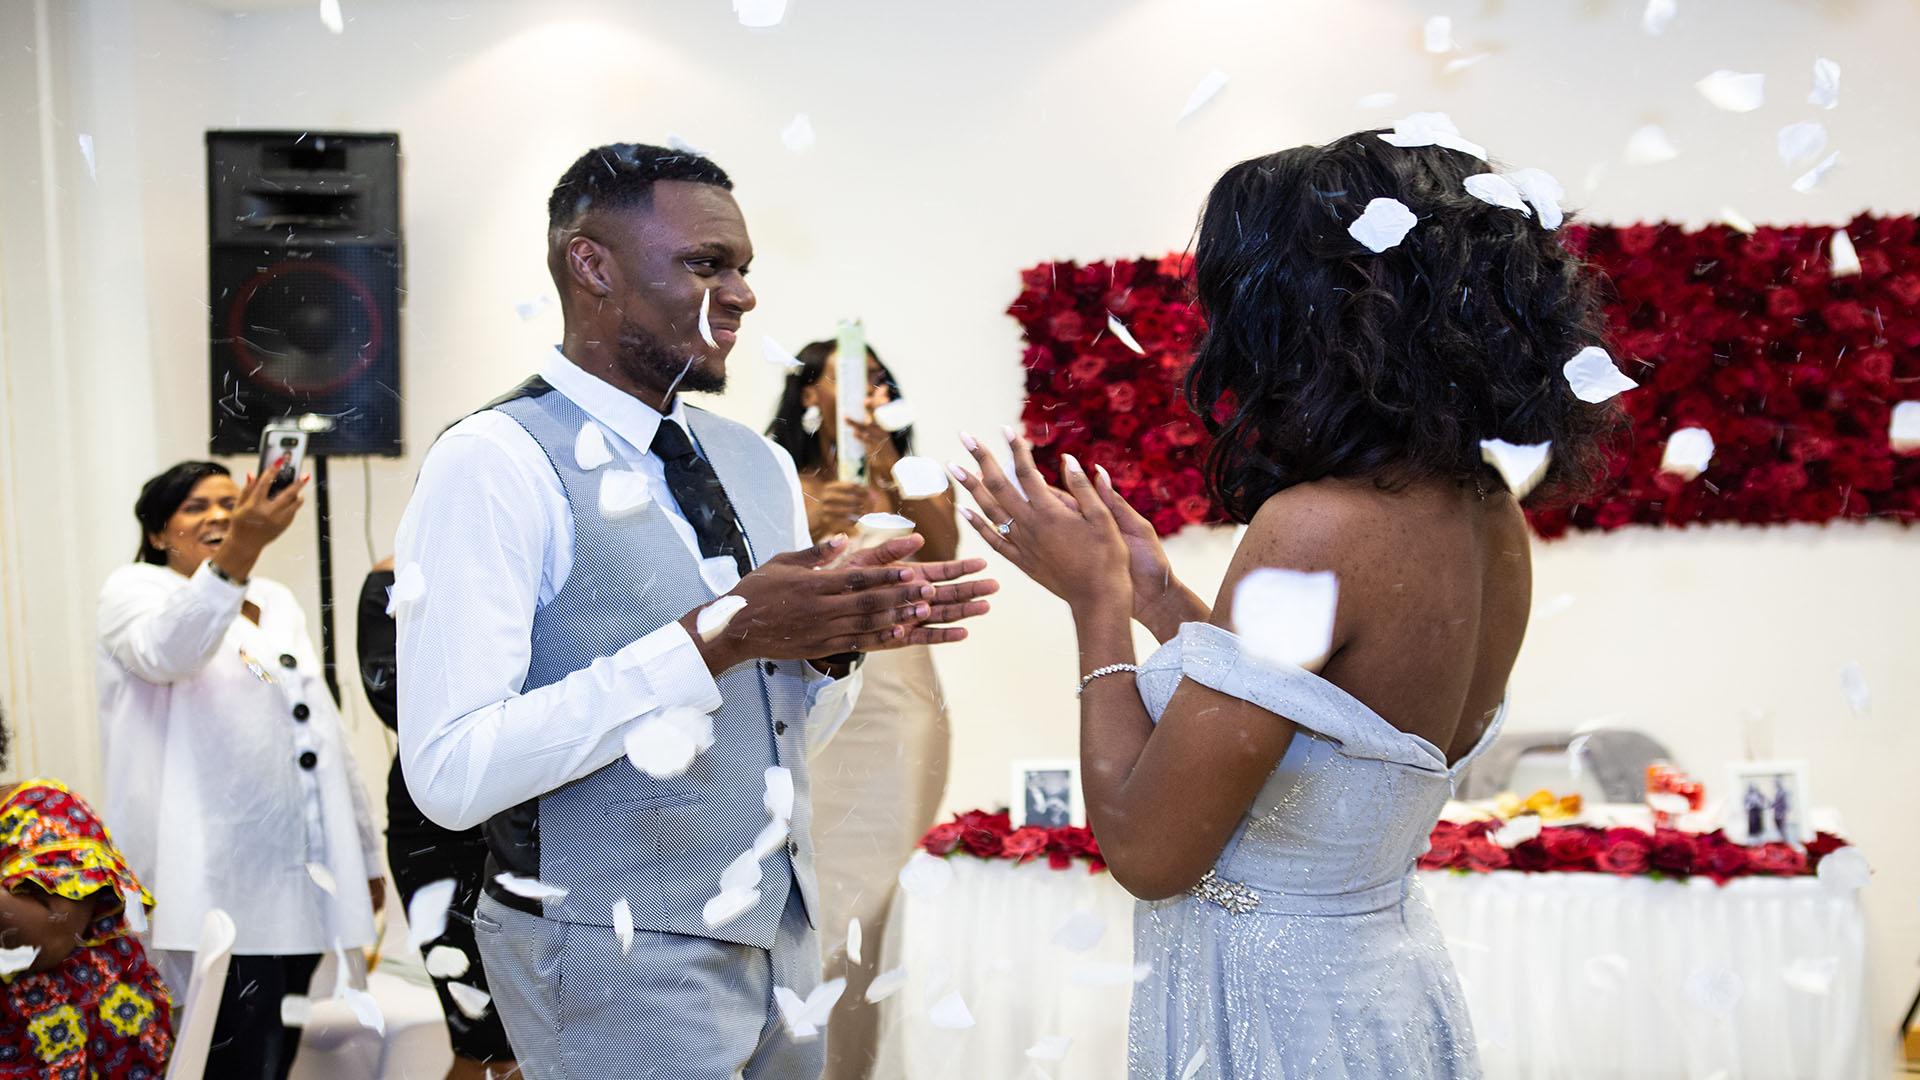 Hochzeit Fotograf | Eventfotos | Fotostudio Köln